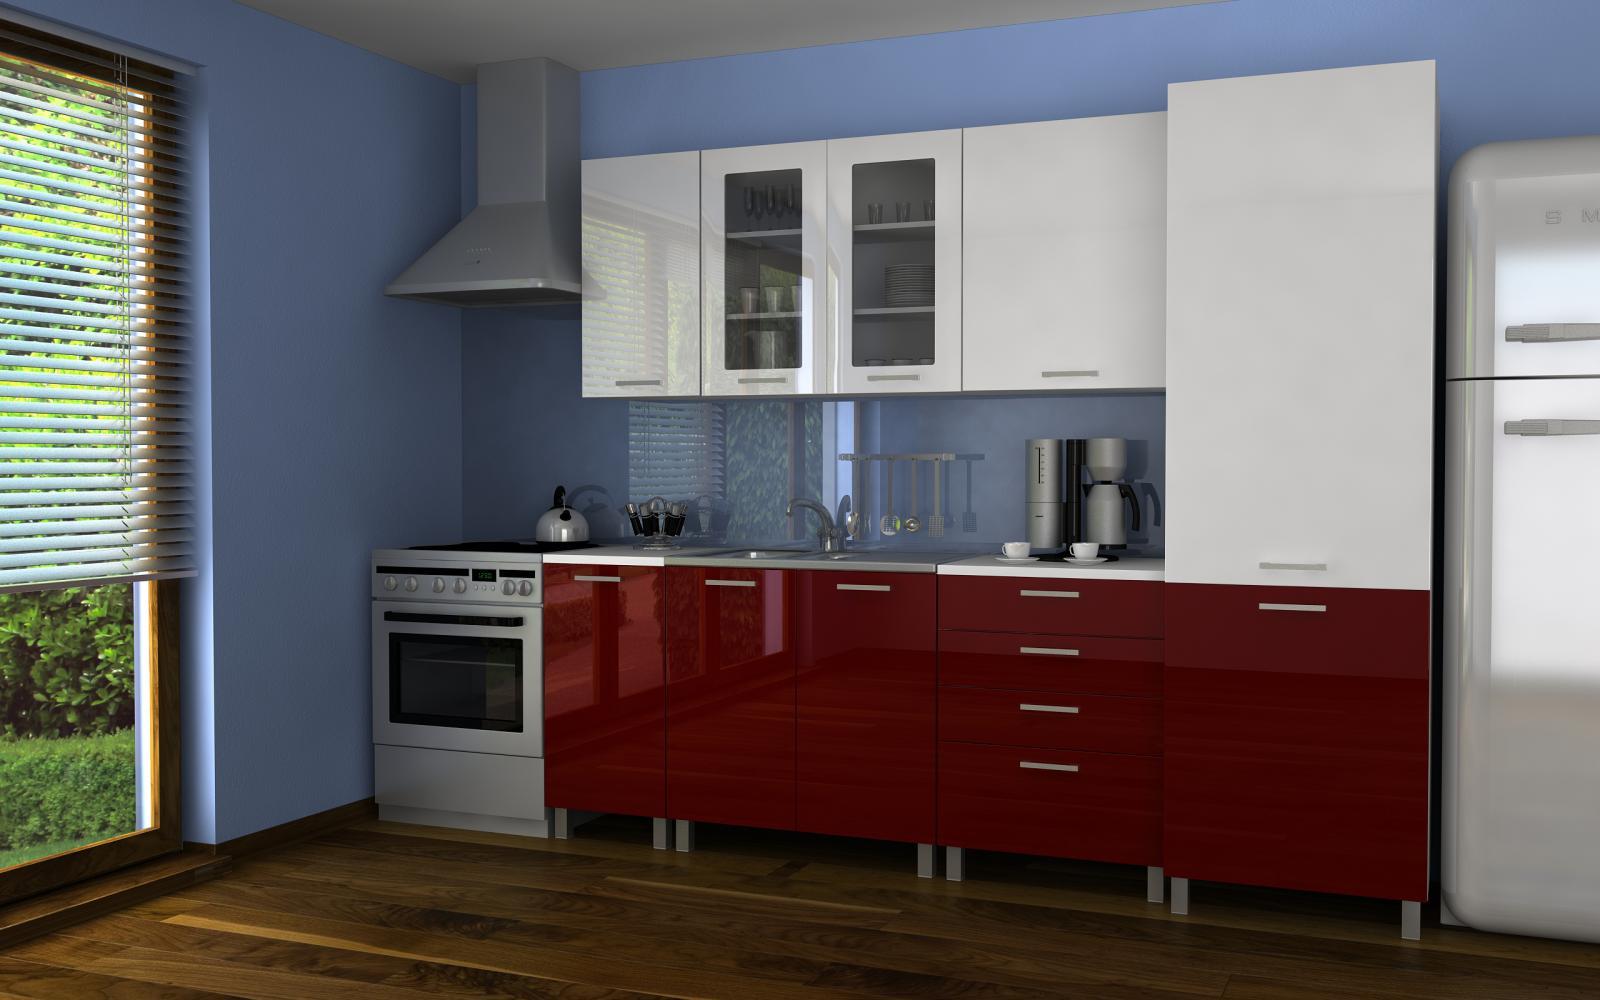 Kuchyňská linka Simeon RLG 240 bílá/bordo lesk